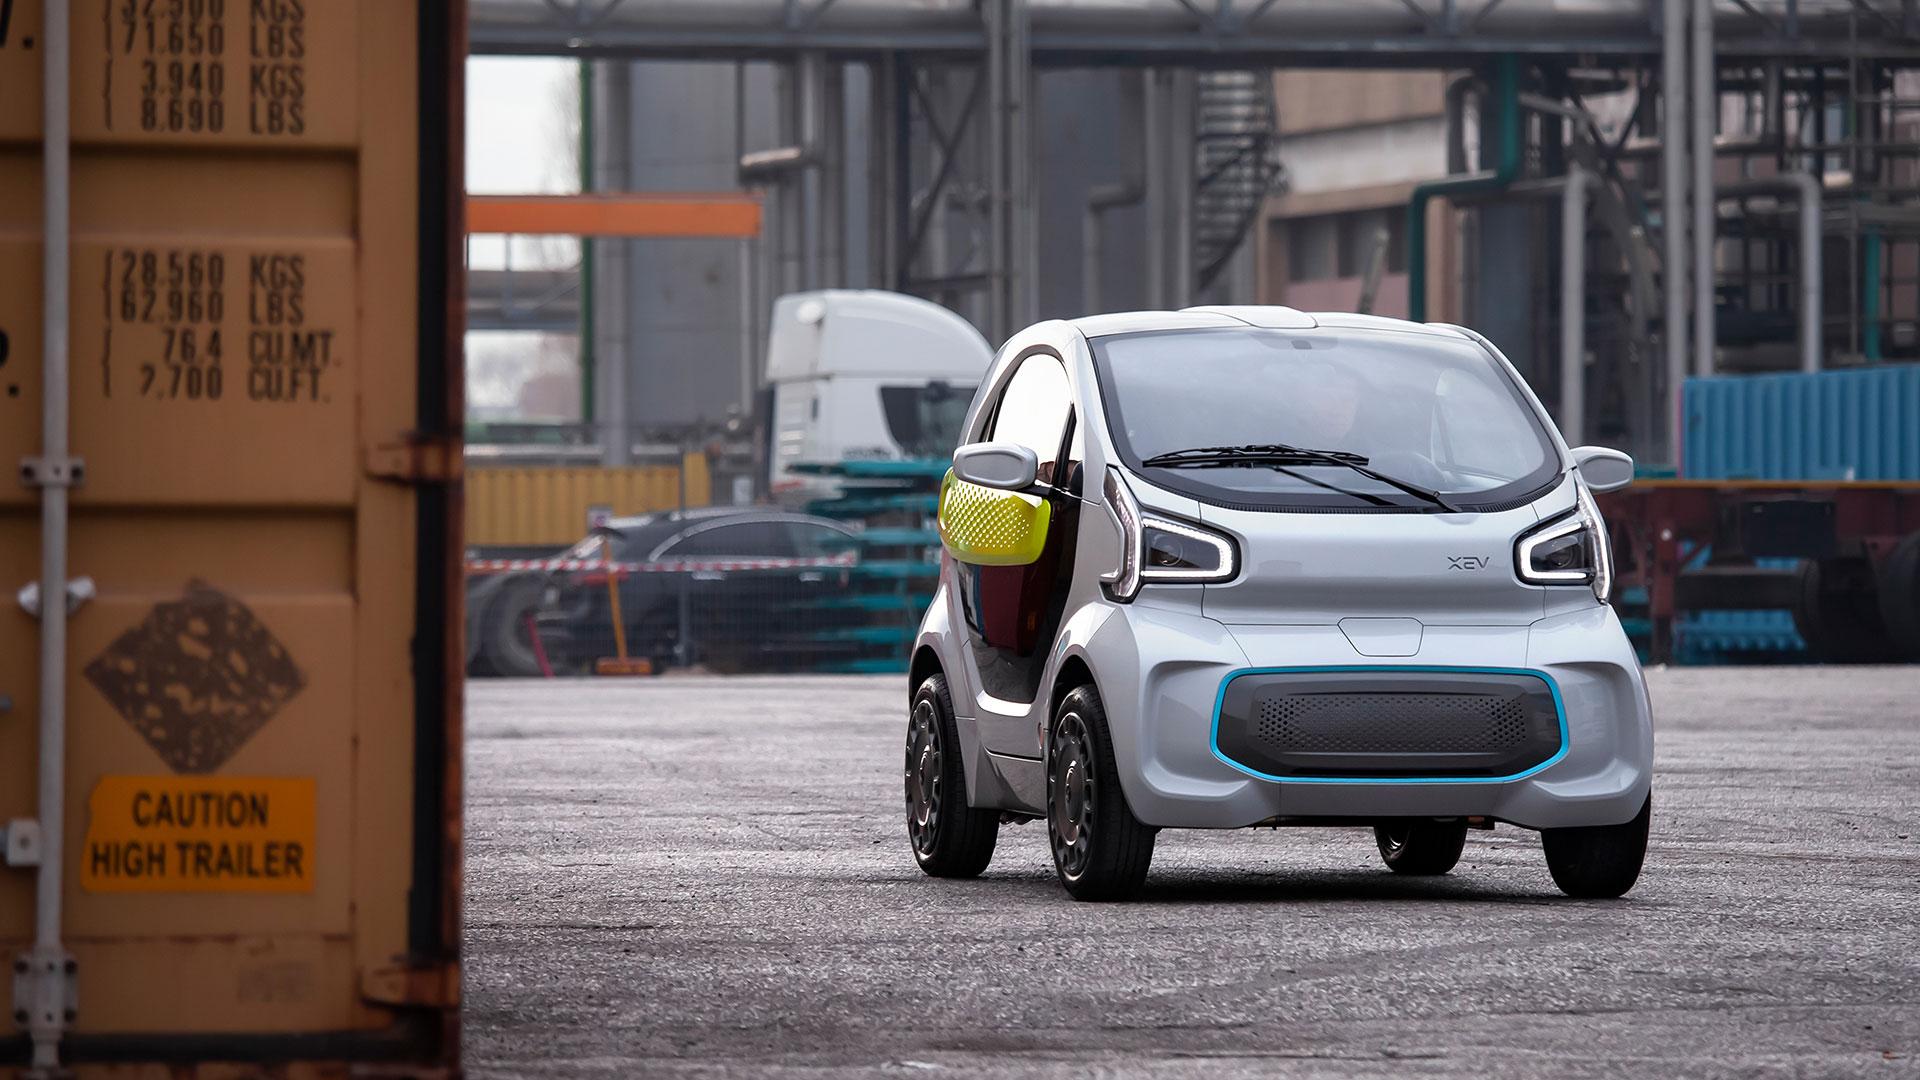 yoyo-vehiculo-electrico-3d